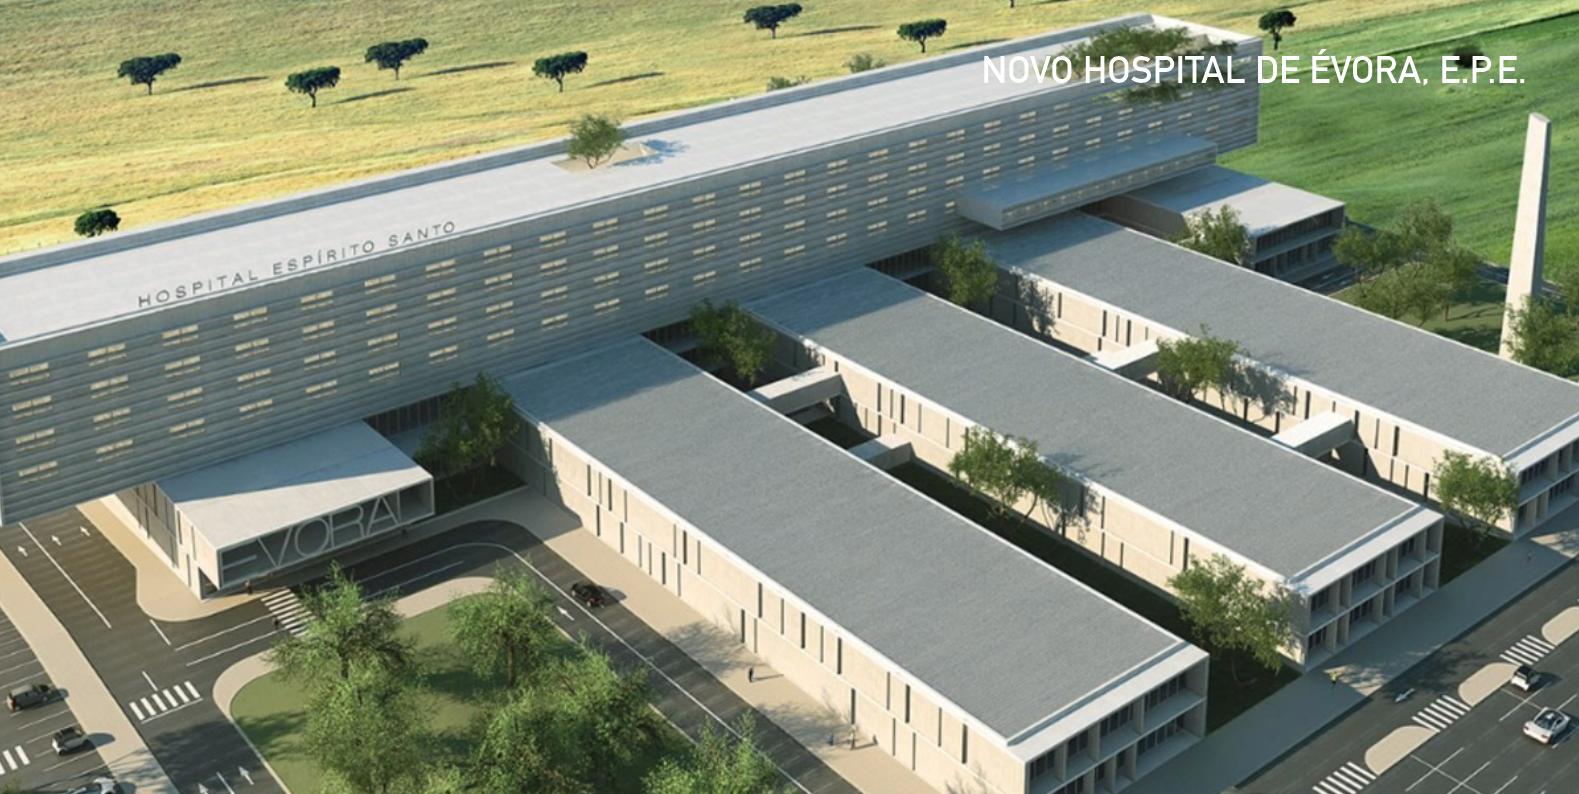 Hospital Évora